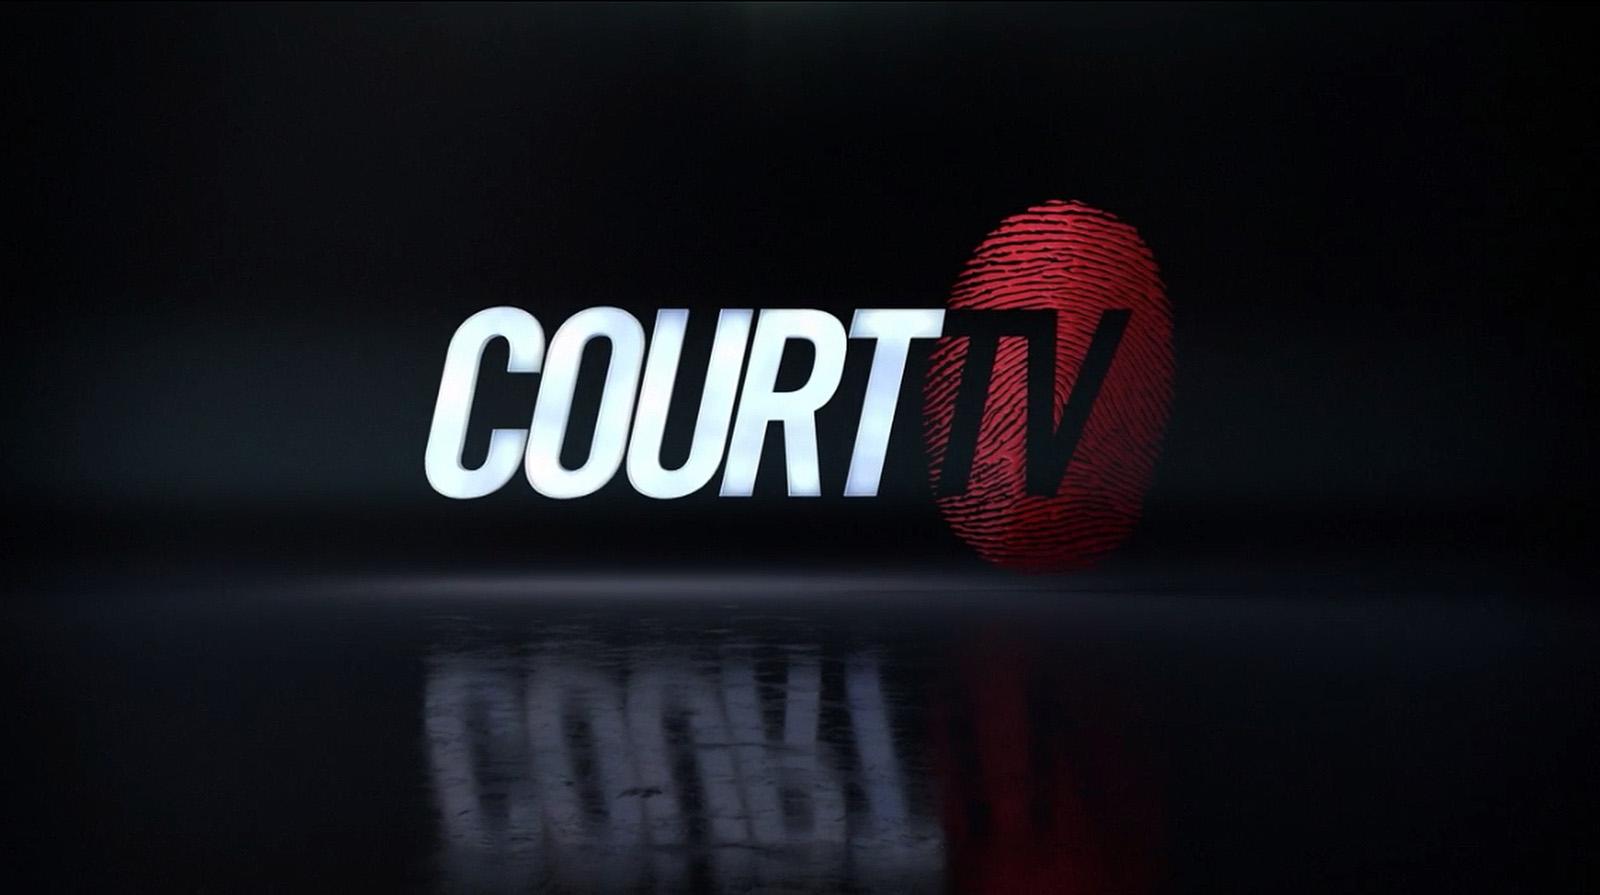 NCS_Court-TV-Branding-Motion-Design_001